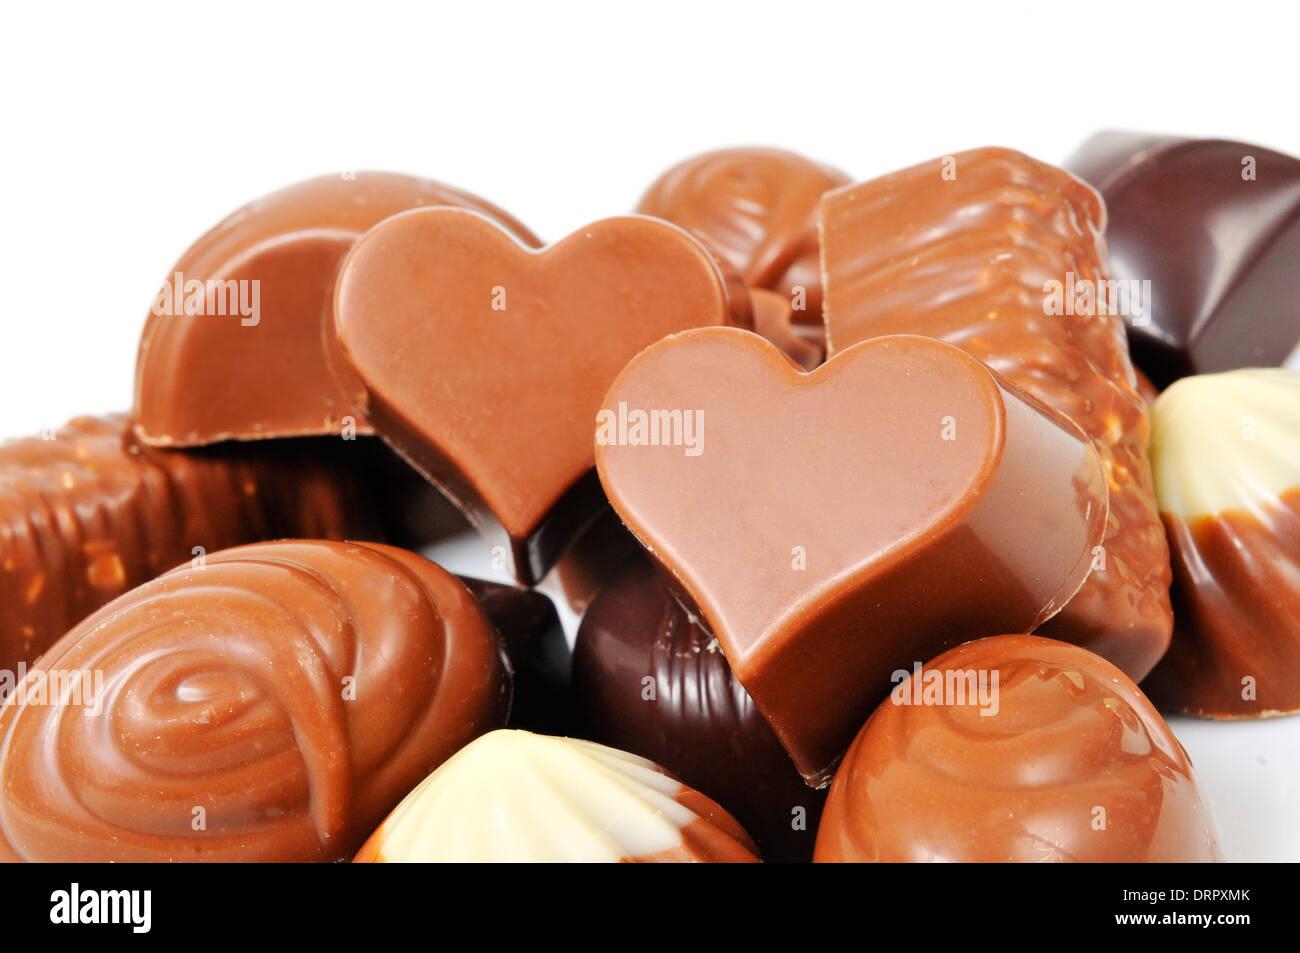 ein Haufen von verschiedenen Schokoladenbonbons, einige von ihnen herzförmig, auf weißem Hintergrund Stockbild